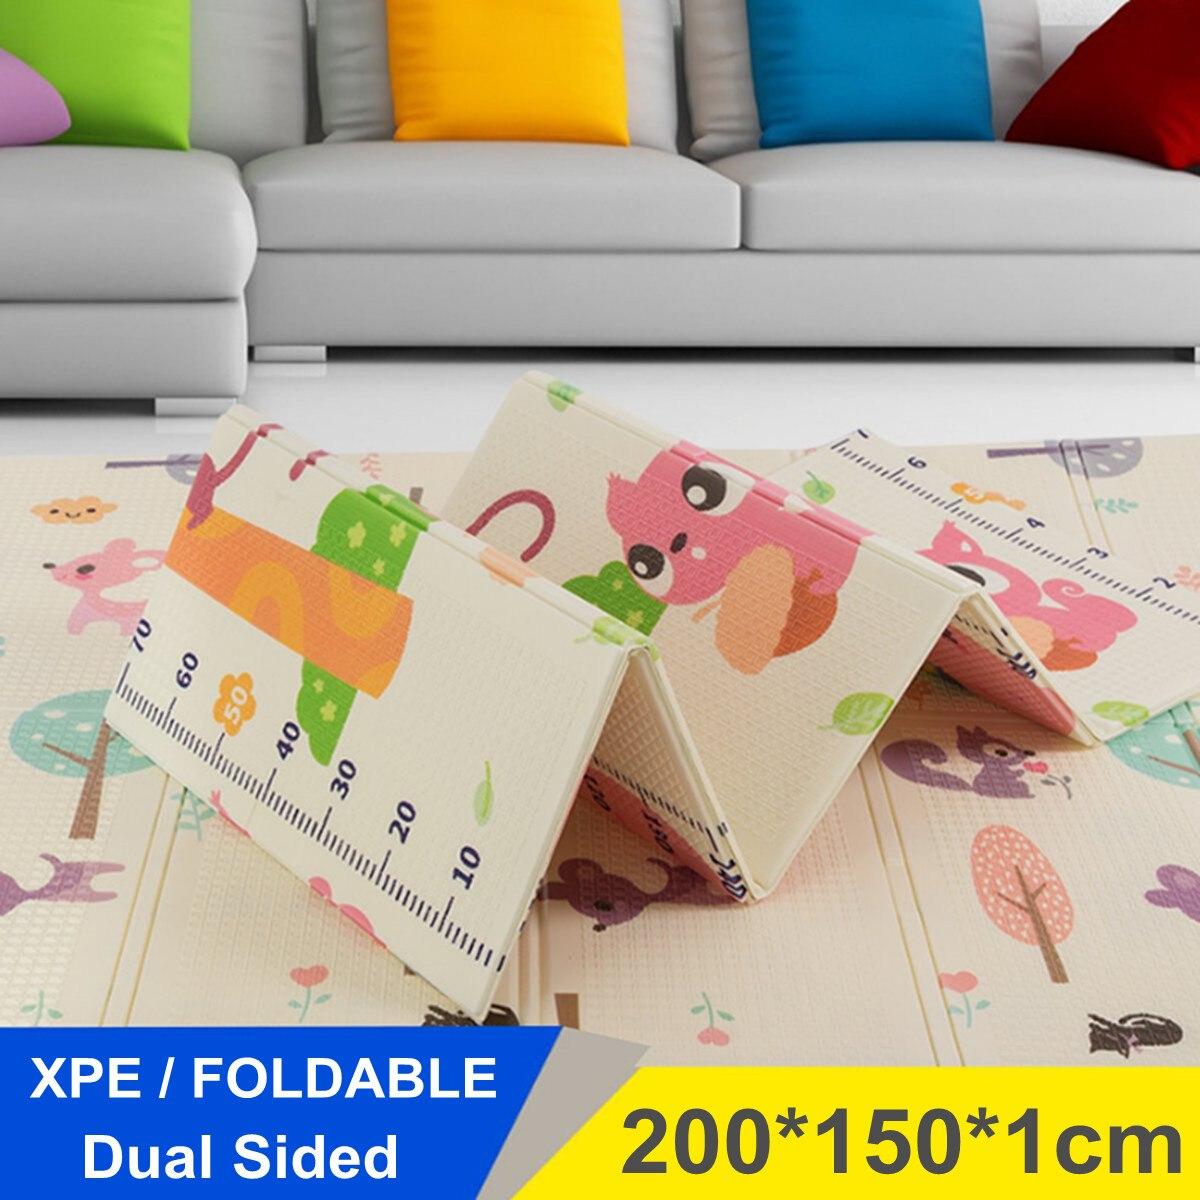 XPE pliable bébé enfants tapis de jeu de sol dessin animé infantile pique-nique coussin ramper Fitness Pad enfants cadeaux 200x150 cm étanche